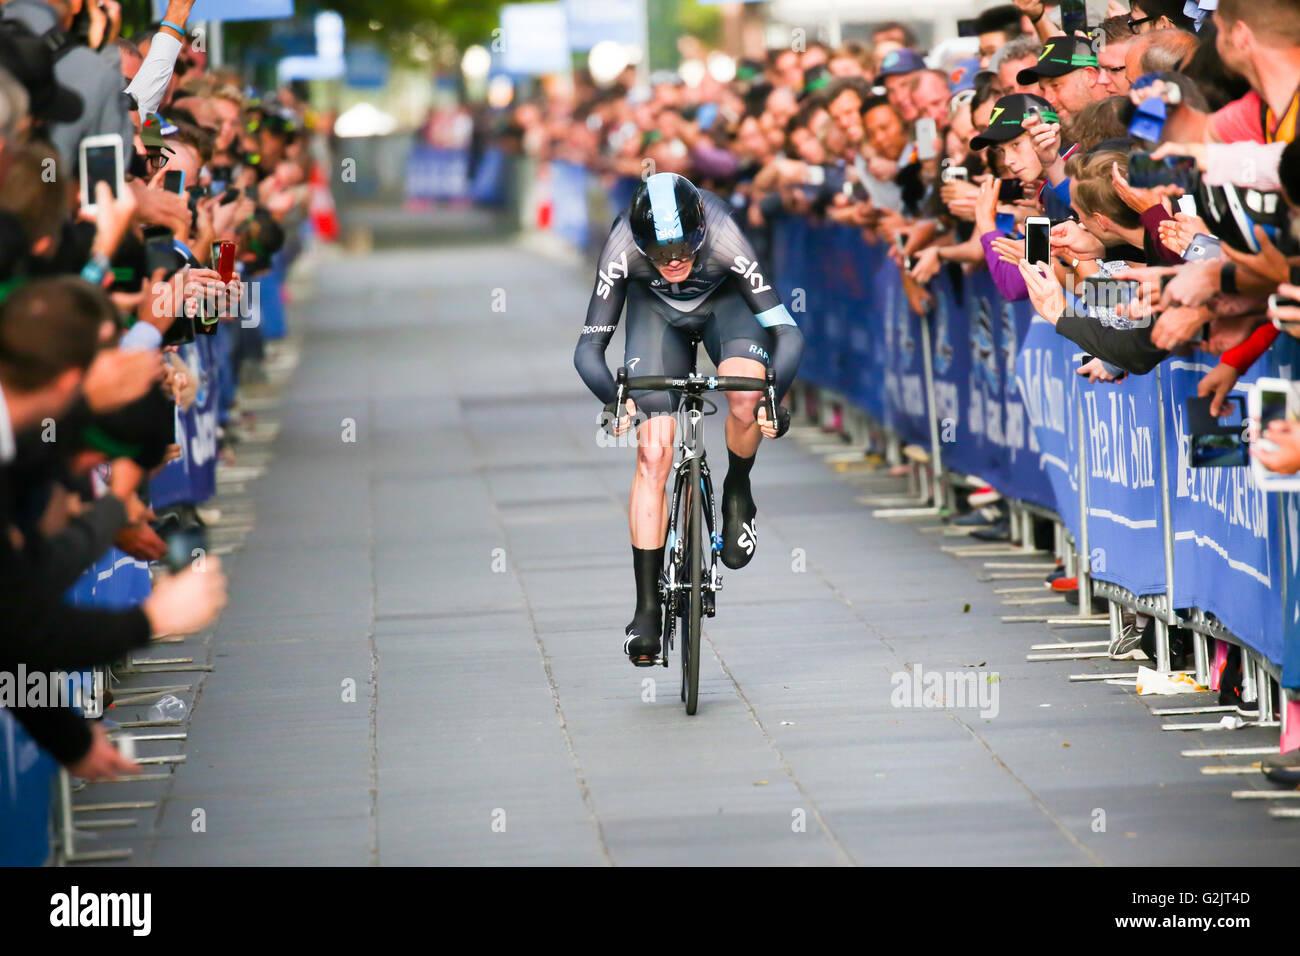 MELBOURNE, Australia - 3 febbraio: Chris Froome sprint alla linea del traguardo sul Prologo scena sul primo giorno Immagini Stock